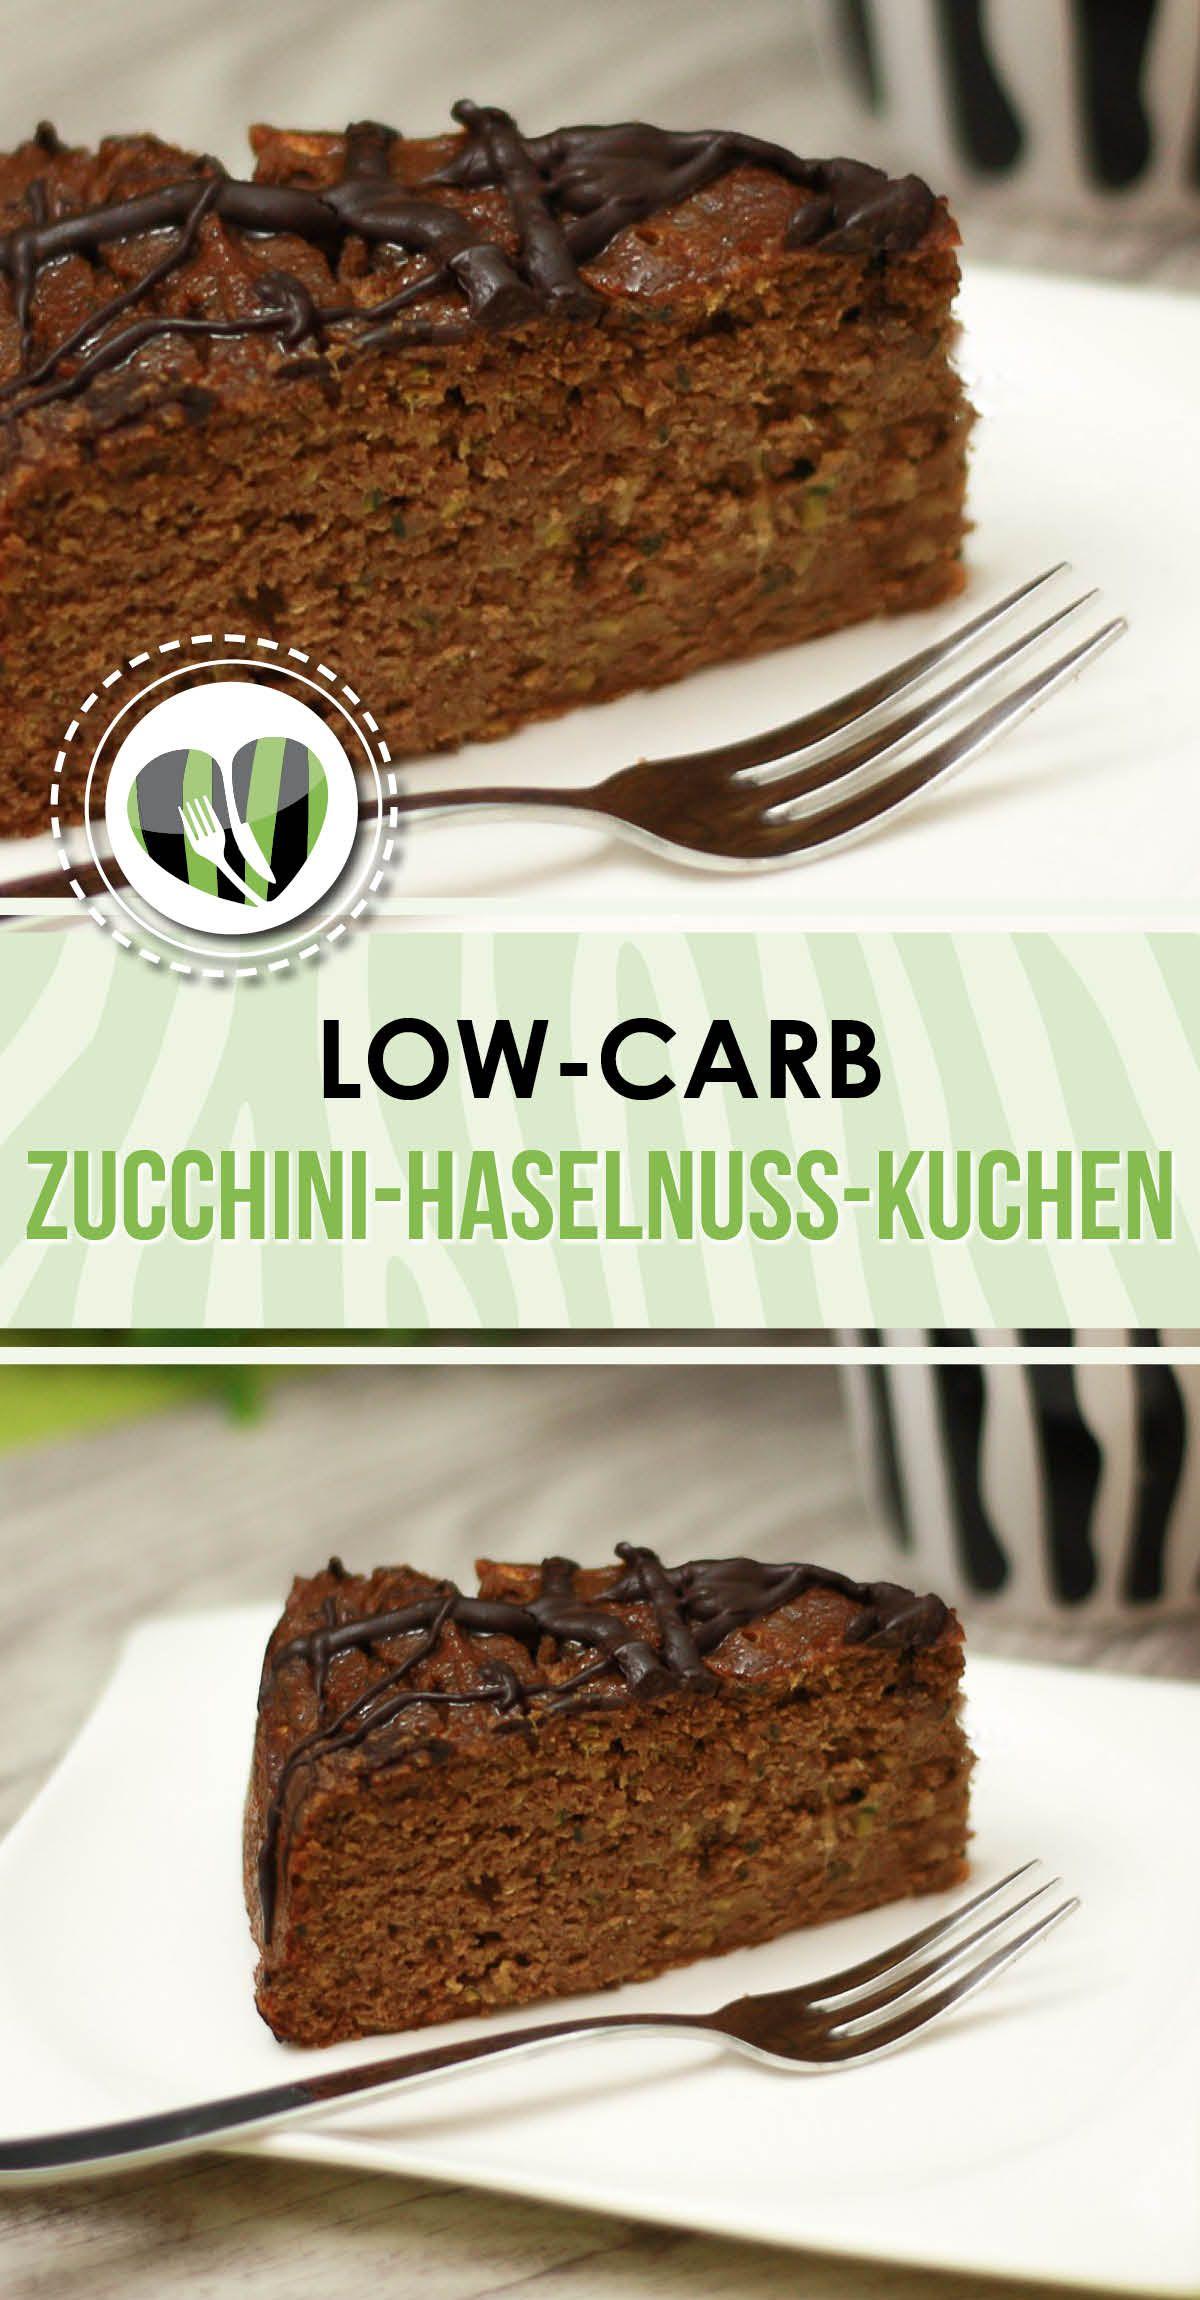 Zucchini Haselnuss Kuchen Low Carb Lchf Glutenfrei Kuchen Rezepte Ohne Zucker Zucchini Kuchen Haselnusskuchen